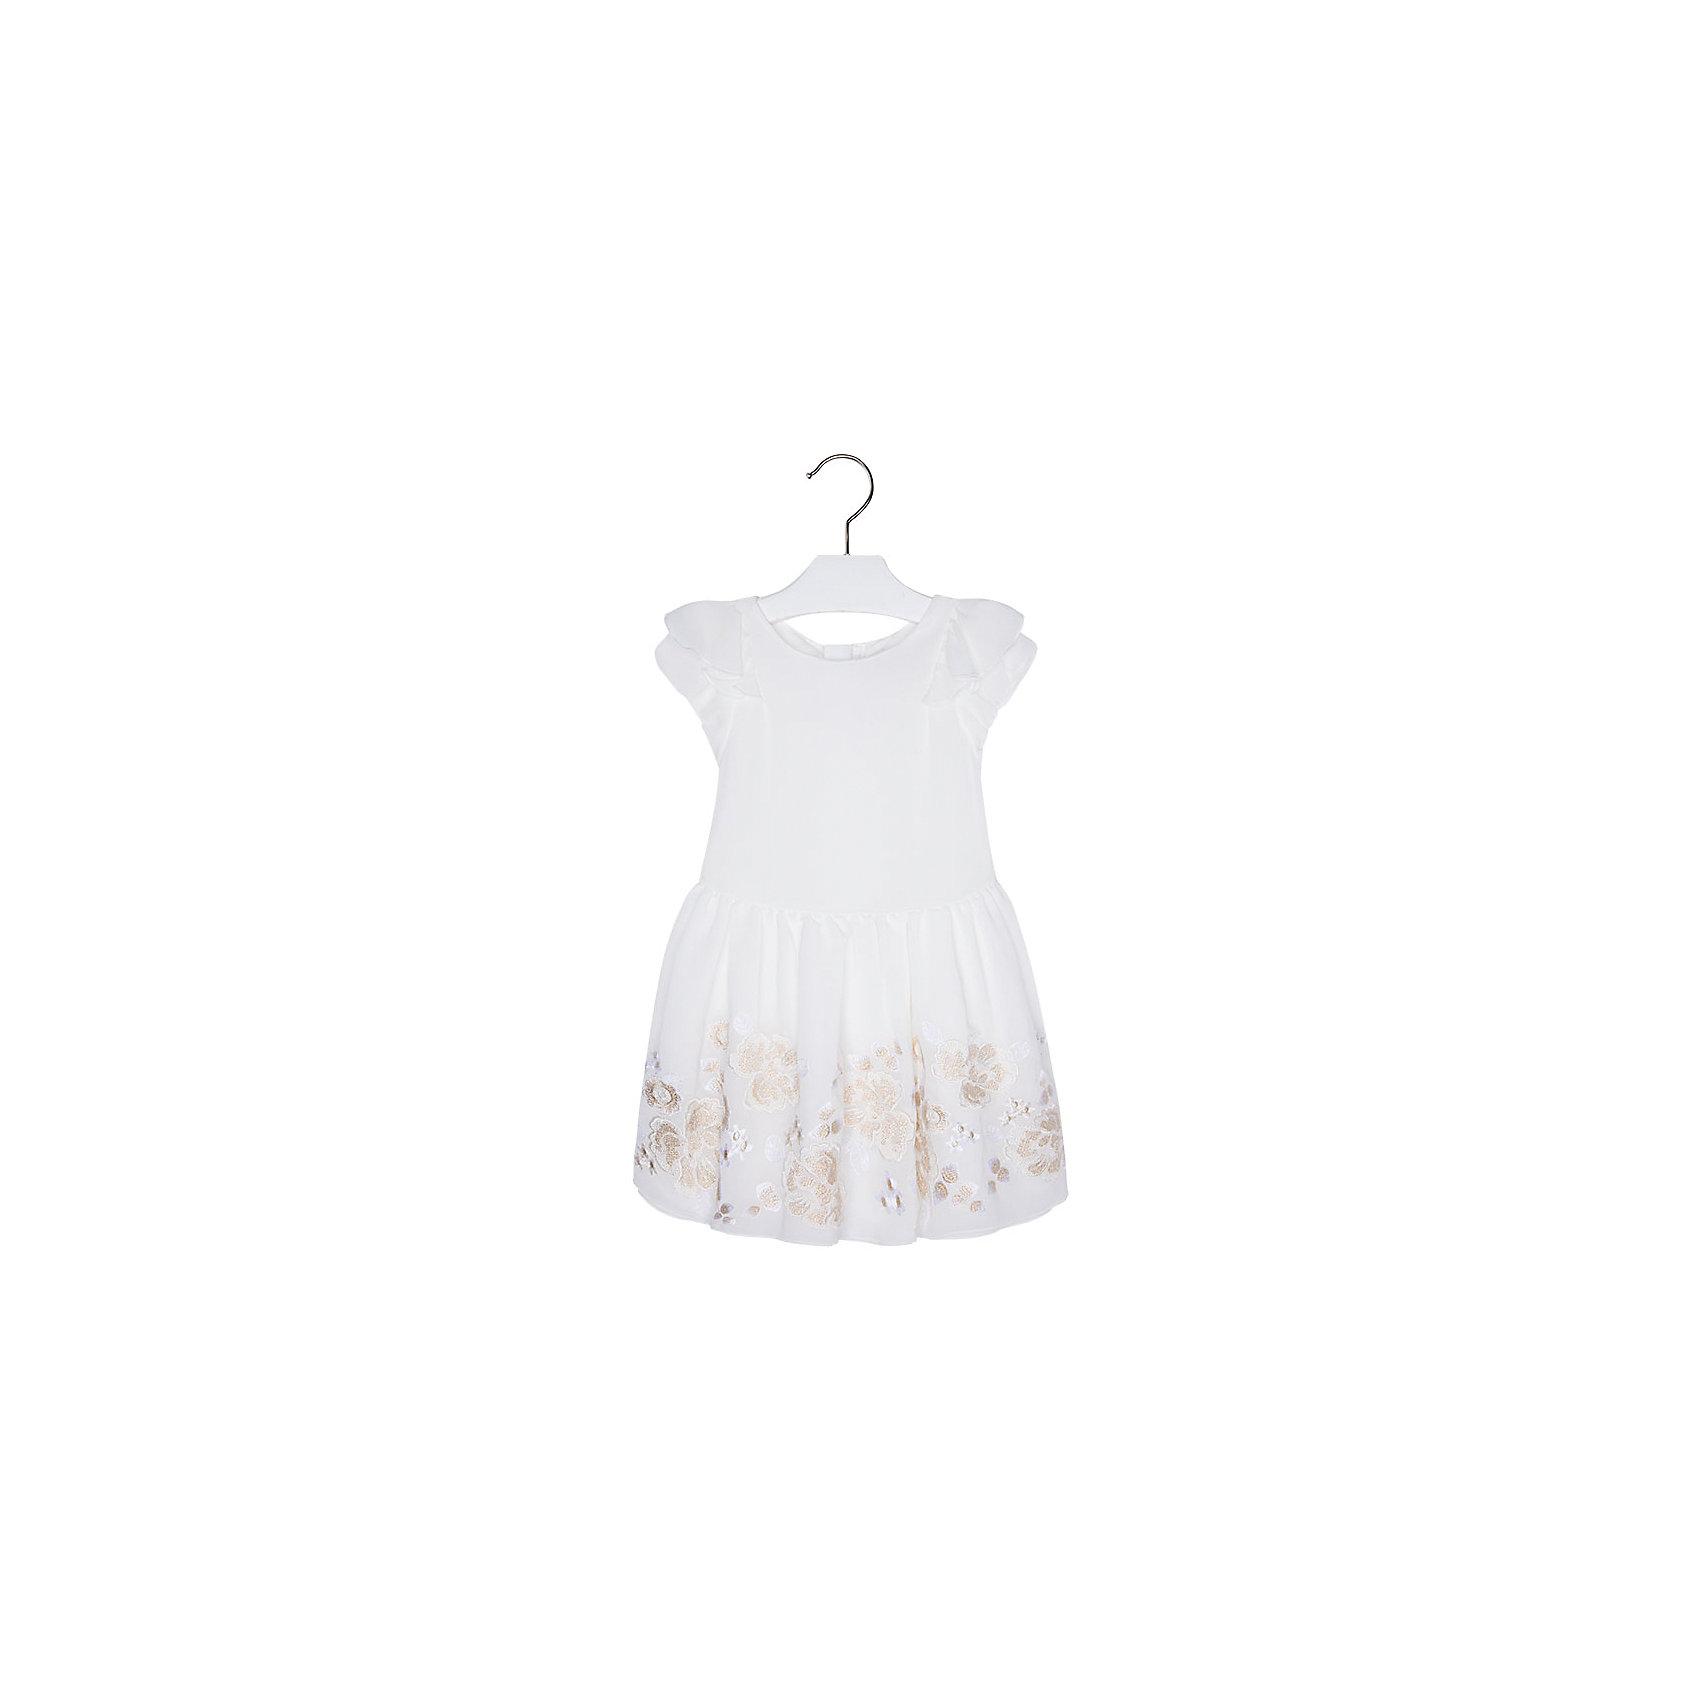 Платье для девочки MayoralОдежда<br>Платье для девочки от известной испанской марки Mayoral - прекрасный вариант как для торжественного мероприятия, так и для повседневной носки.<br><br>Дополнительная информация:<br><br>- Пышная юбка.<br>- Короткий рукав.<br>- Аппликация в виде нежных цветов. <br>- Пояс на талии завязывается на спине. <br>- Застегивается на молнию на спине.<br>- Состав:  верх - 100% полиэстер, подкладка - 65% полиэстер, 35% хлопок.<br><br>Платье для девочки Mayoral (Майорал) можно купить в нашем магазине.<br><br>Ширина мм: 236<br>Глубина мм: 16<br>Высота мм: 184<br>Вес г: 177<br>Цвет: бежевый<br>Возраст от месяцев: 24<br>Возраст до месяцев: 36<br>Пол: Женский<br>Возраст: Детский<br>Размер: 98,104,134,116,128,122,110<br>SKU: 4543033